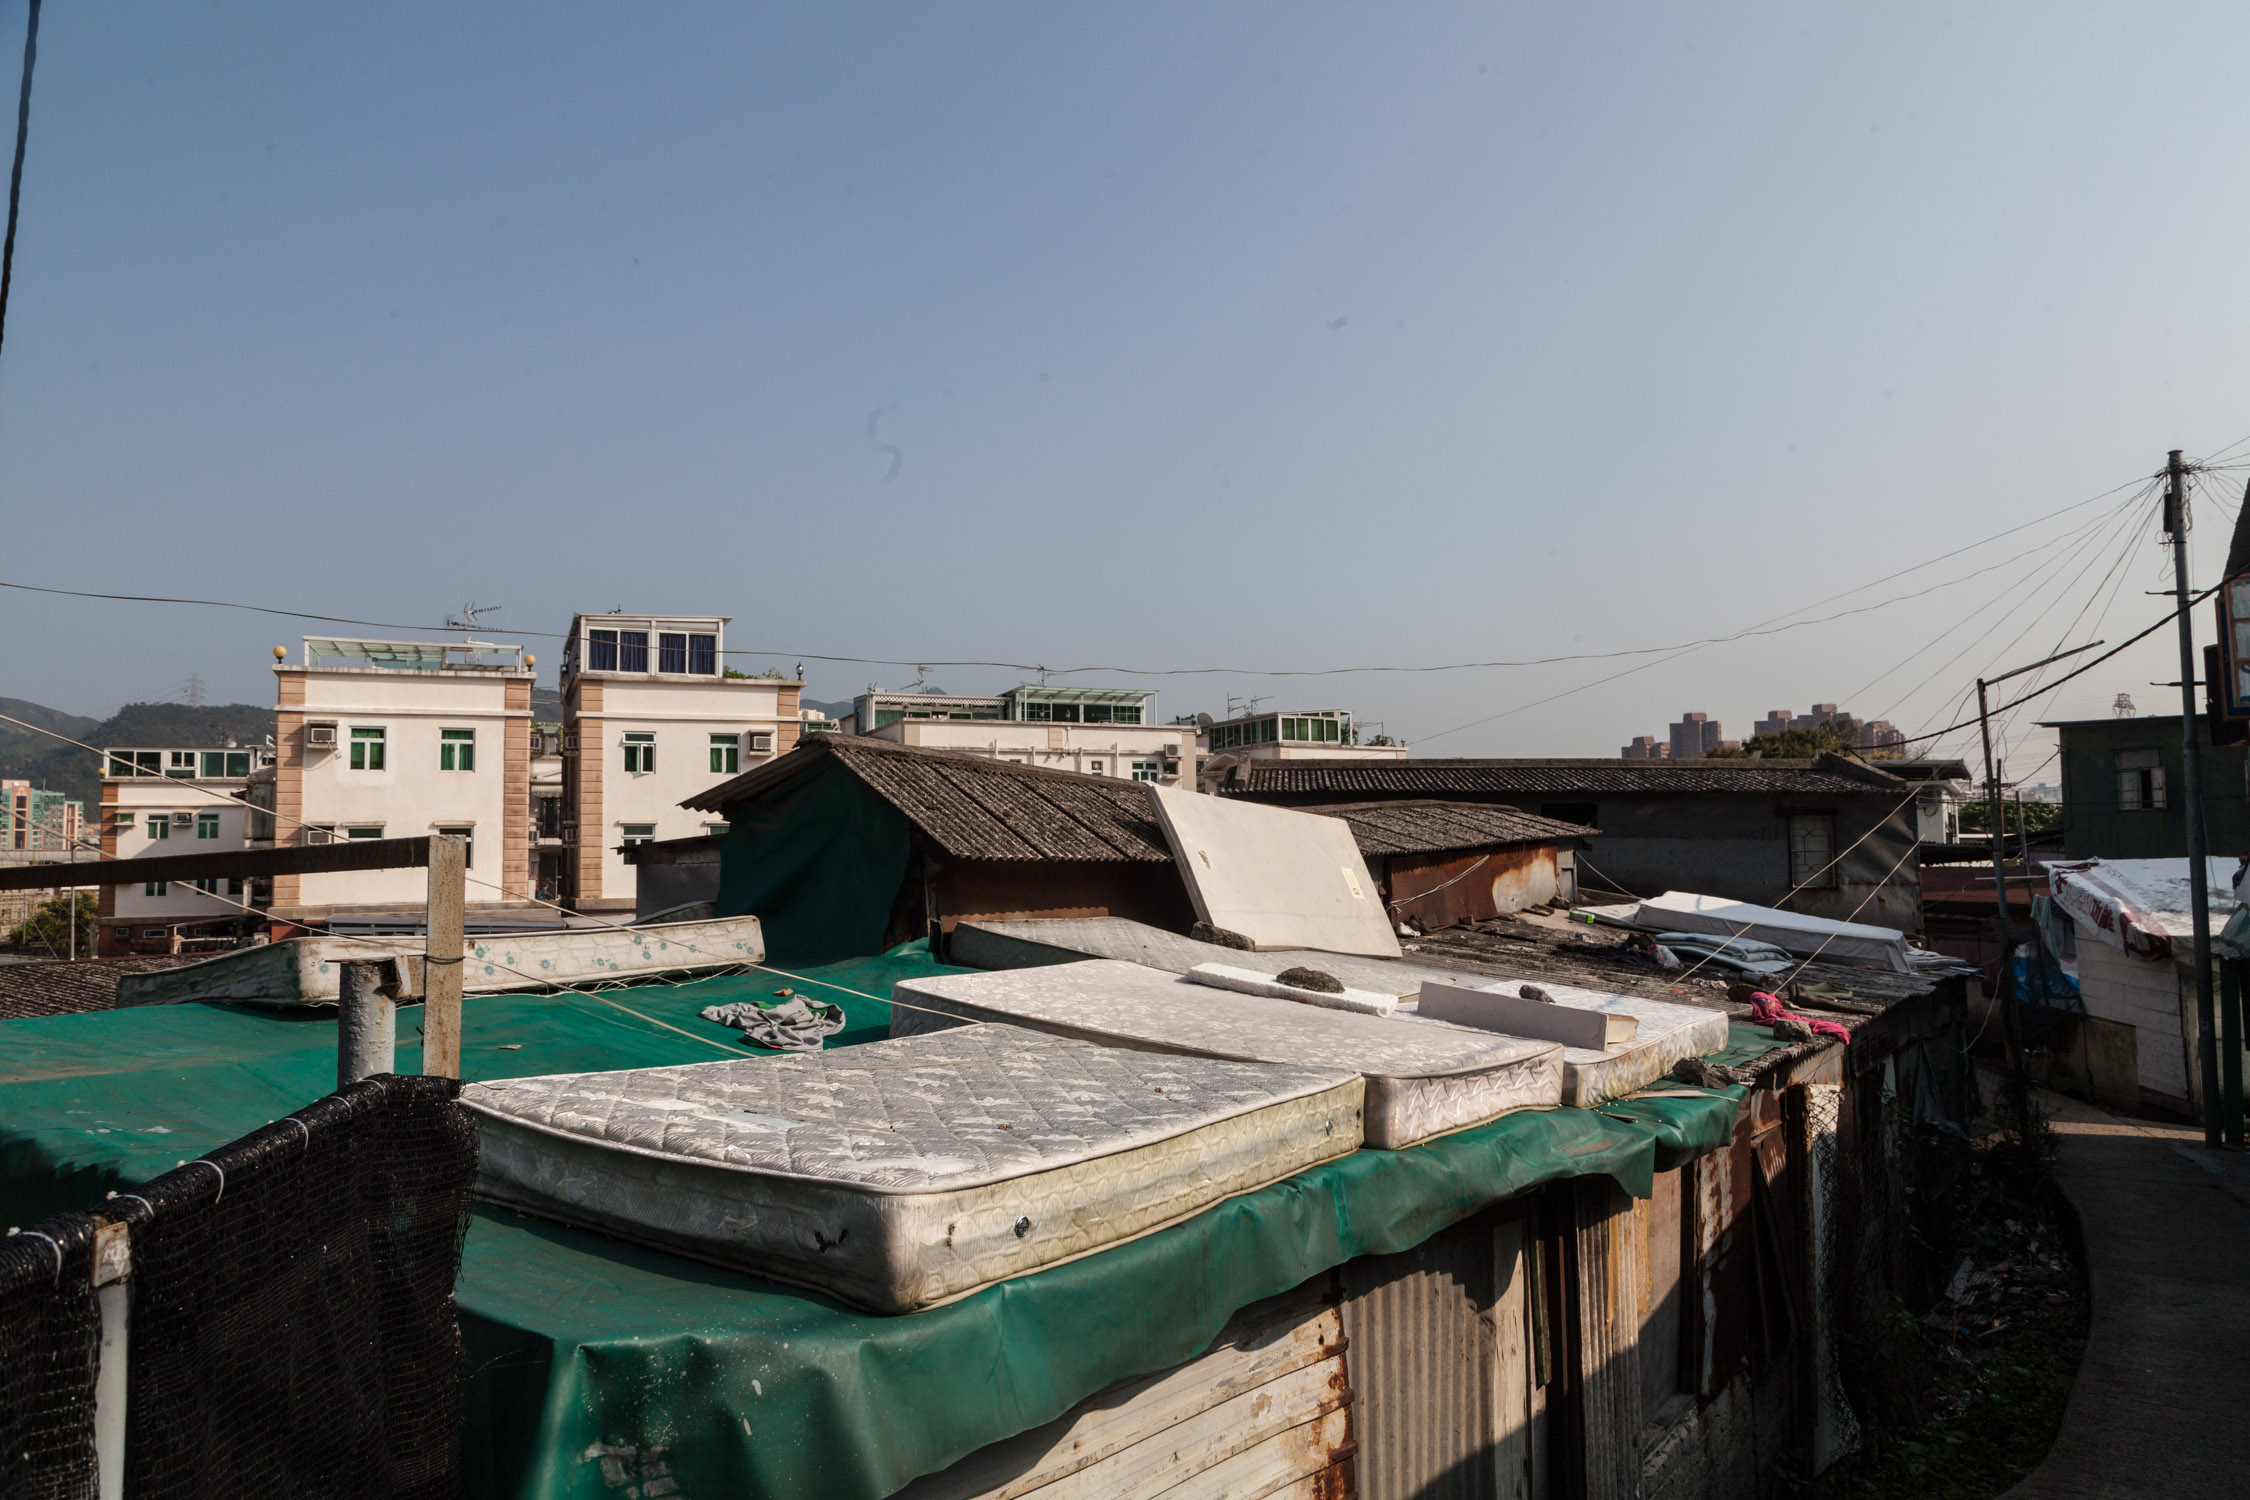 大部份貧民窟已日久失修, 鐵皮屋屋頂經已破損, 夏天雨季更出現水患, 導致家具電器損壞,他們只能外出拾取舊床舖及凡布蓋頂, 如颱風甚至會破壞電纜甚至有漏電危險